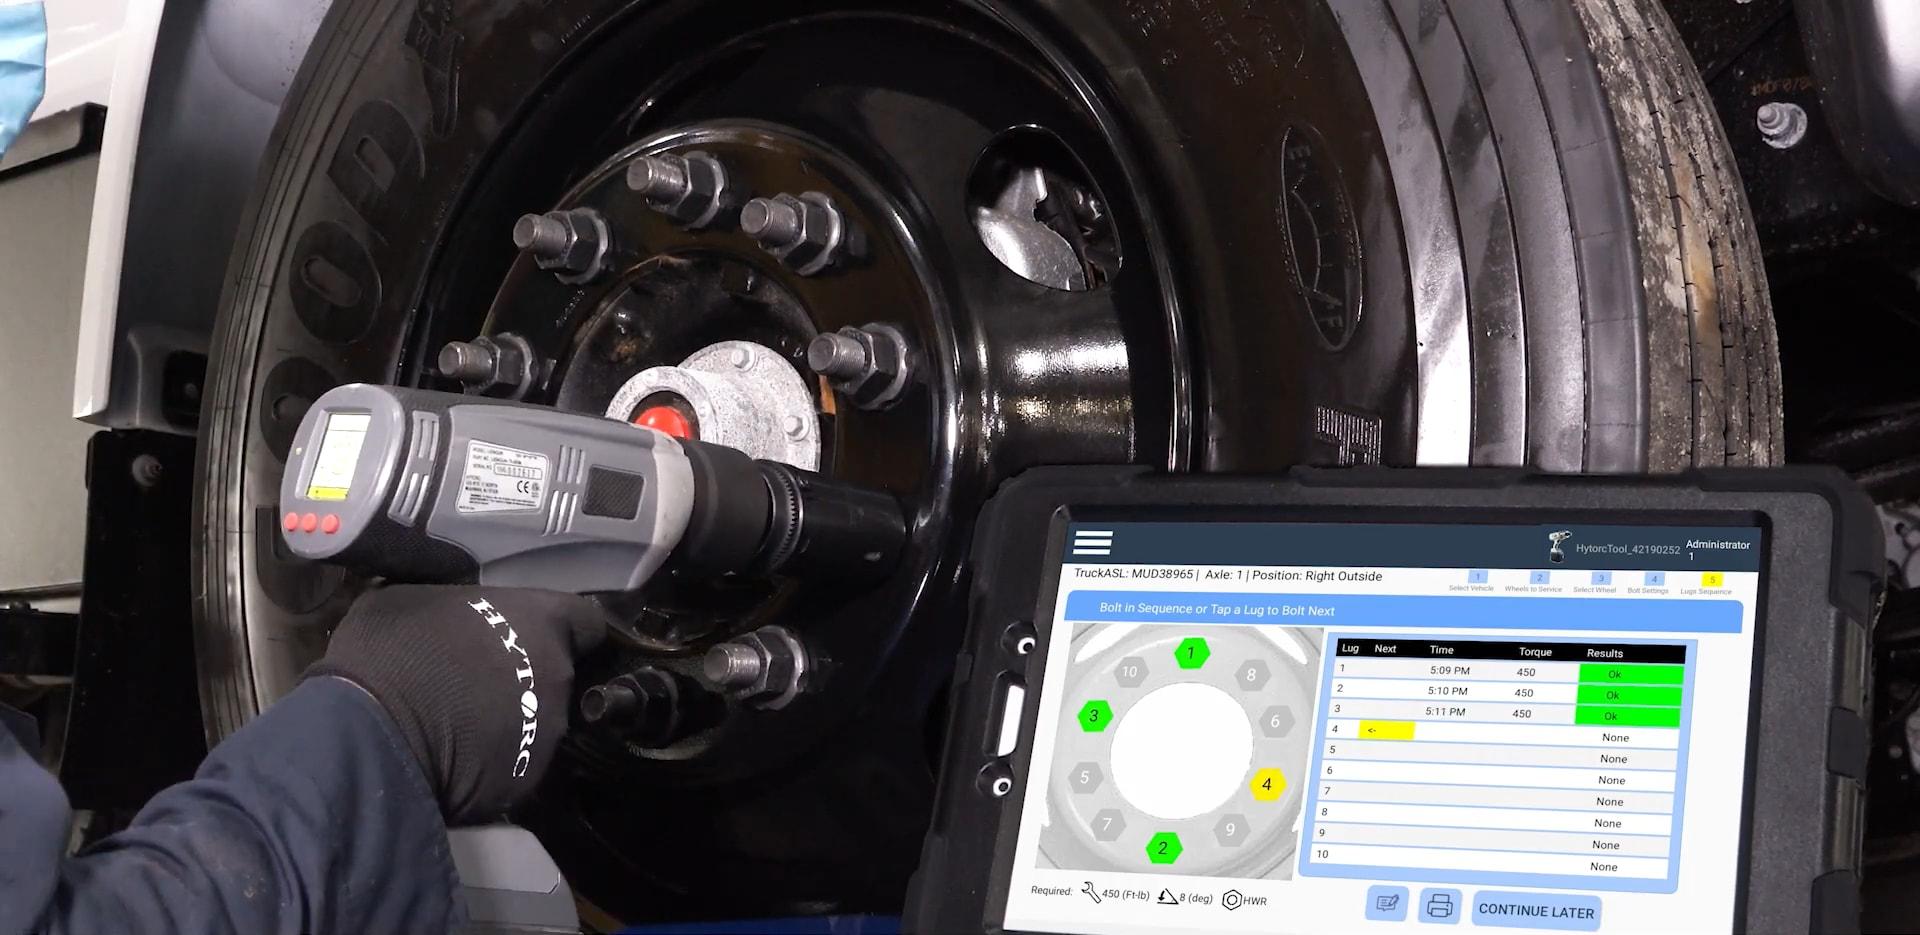 Raskaan kaluston rengastöihin suunniteltu Fleet Sequencer -sovellus auttaa renkaiden kiinnitystöiden hallinnassa